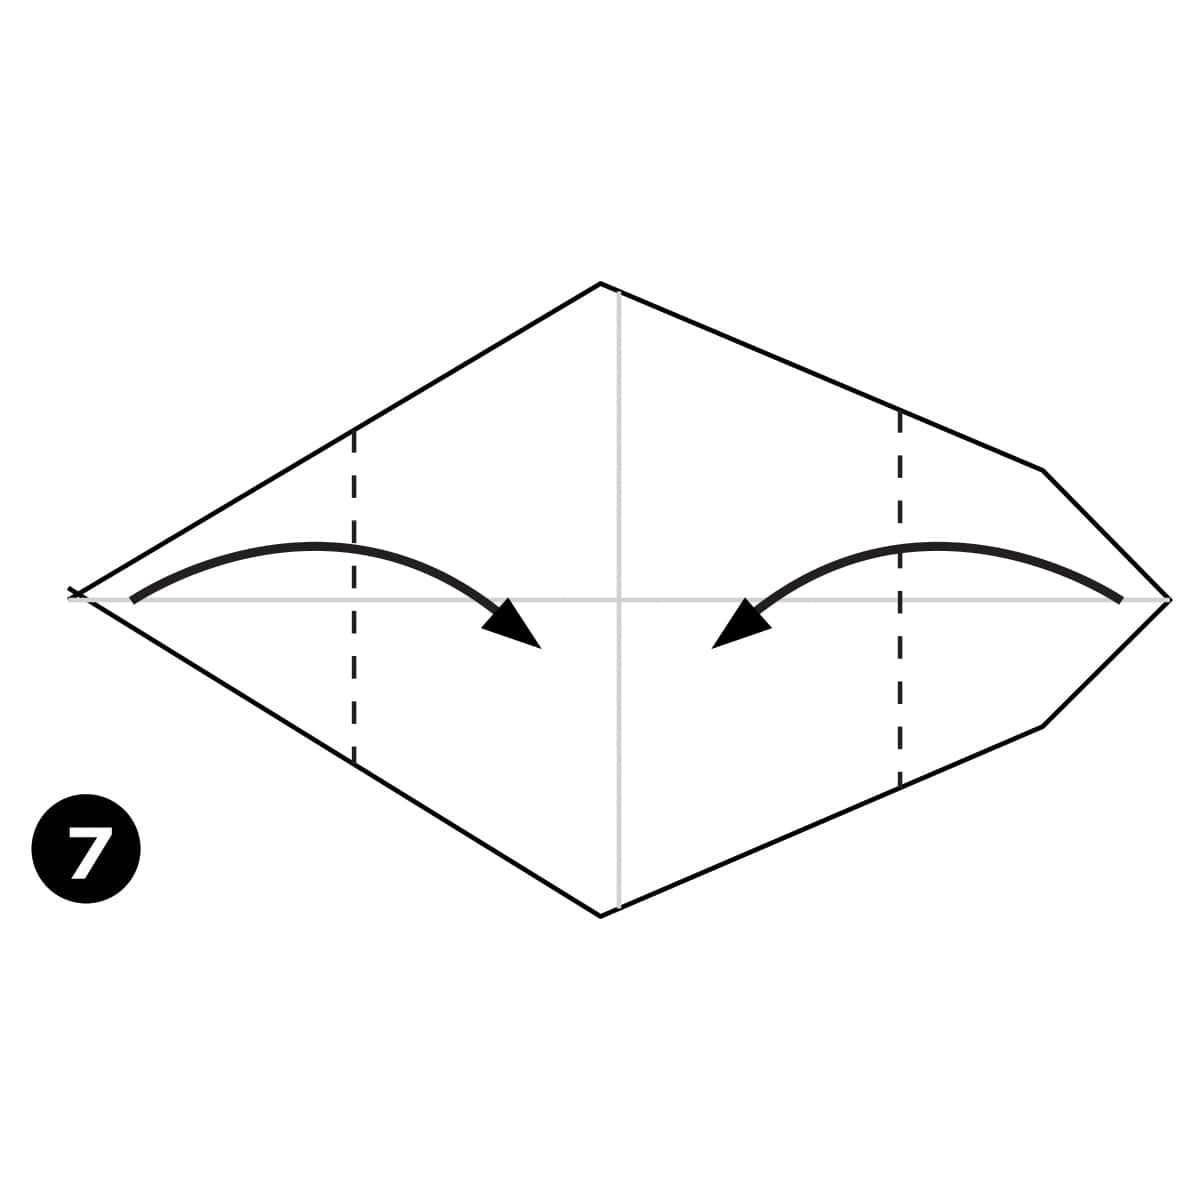 Blowfish Step 7